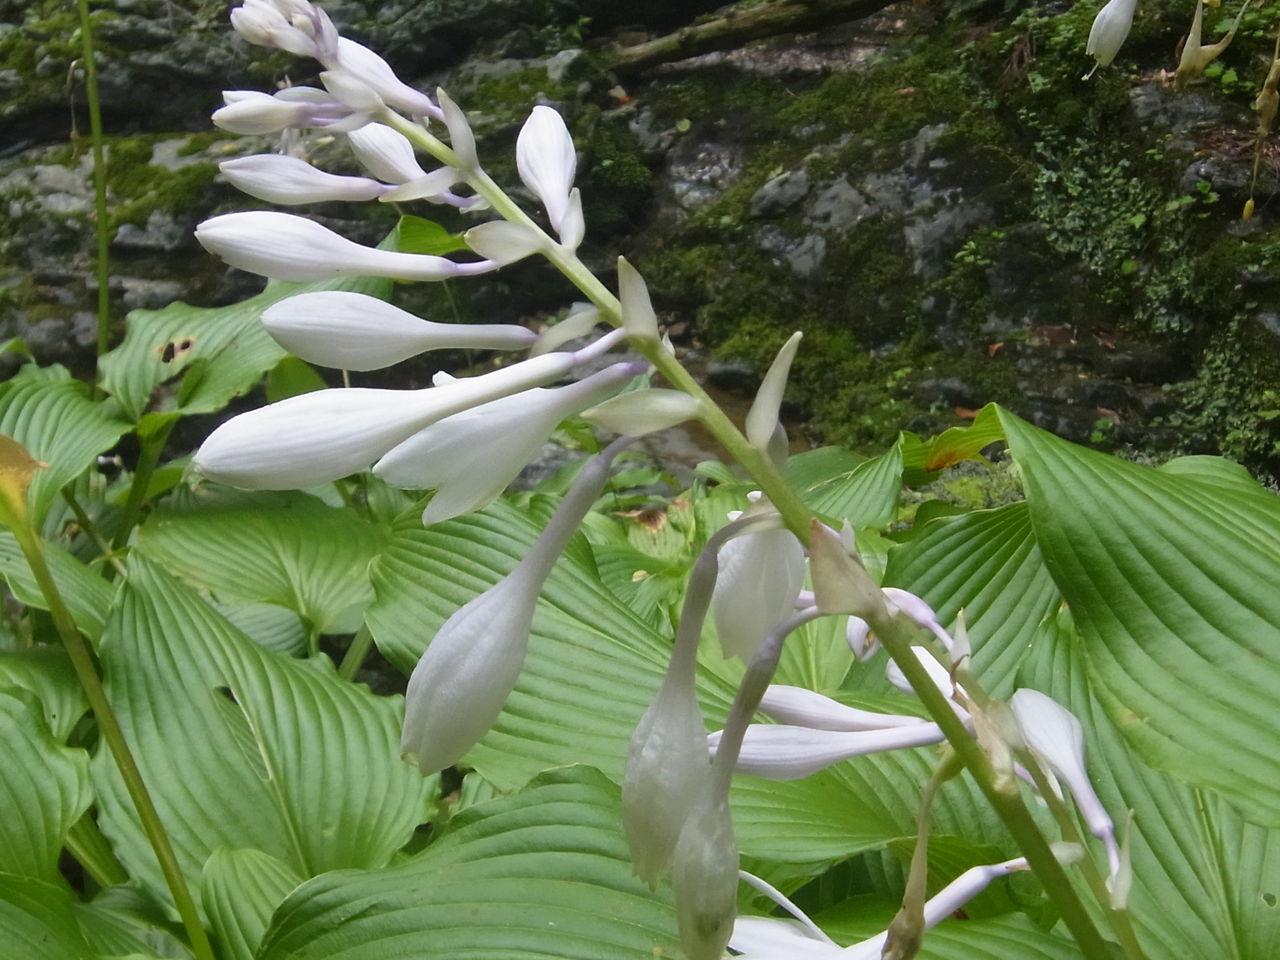 オオバギボウシの画像 p1_31